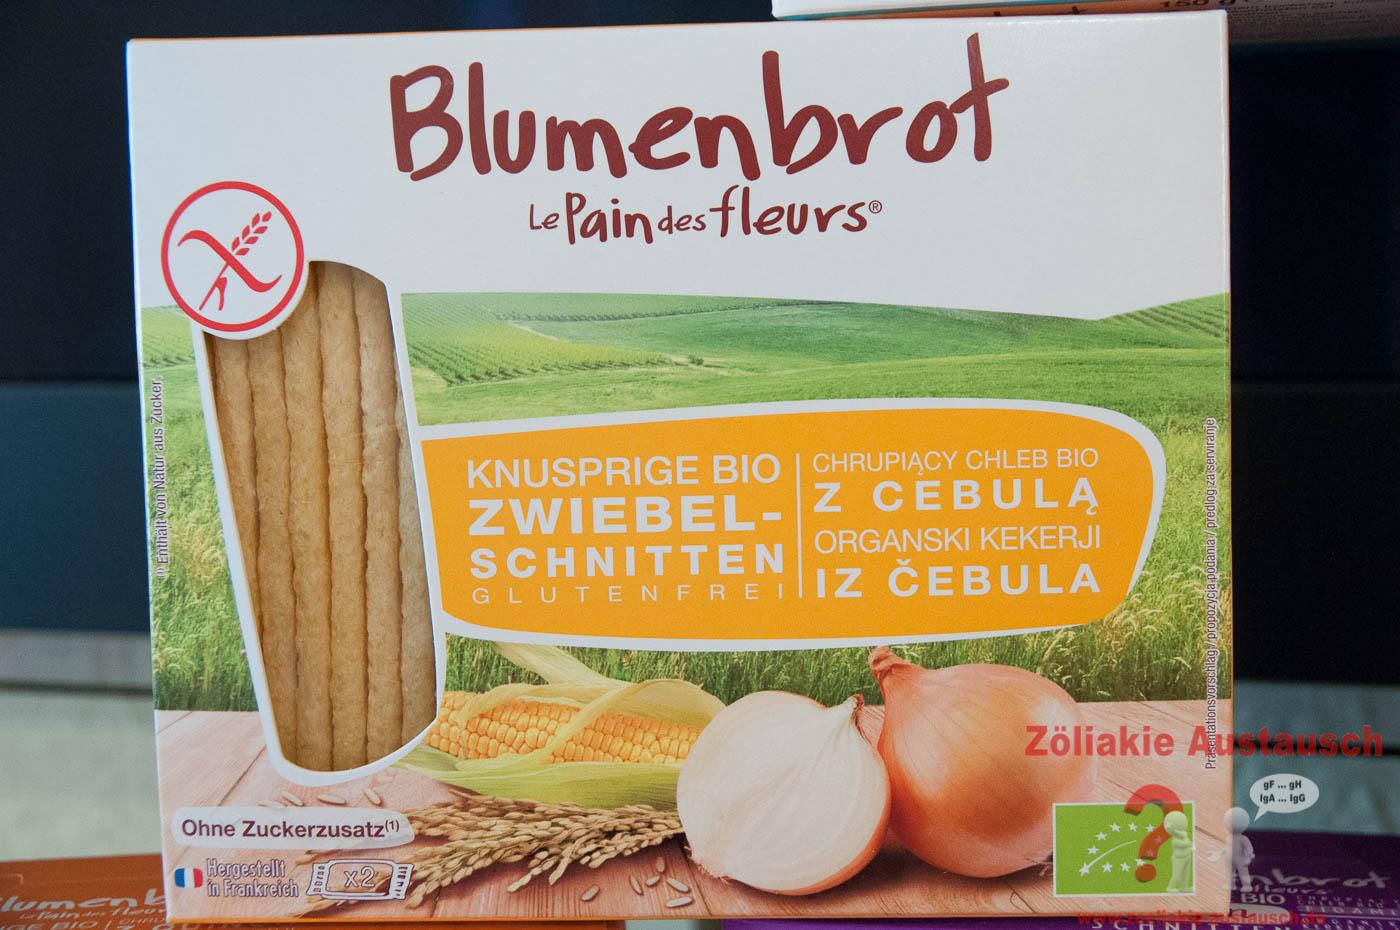 Zoeliakie_Austausch_Blumenbrot-013